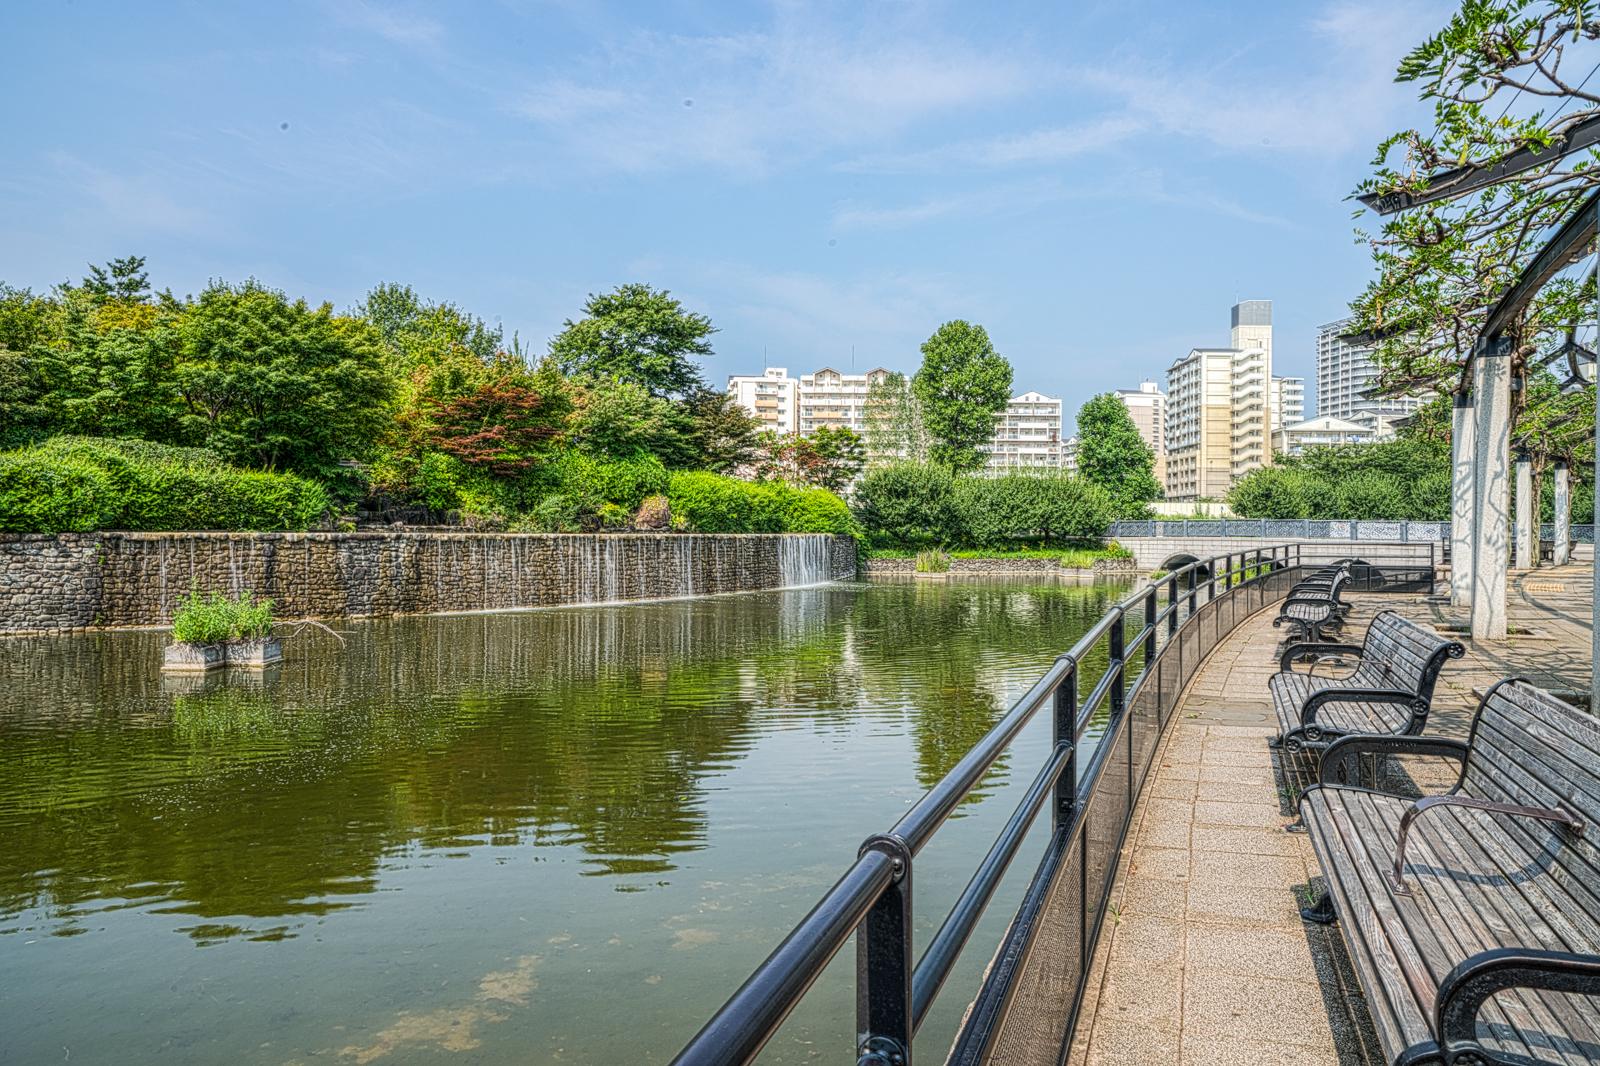 武蔵国分寺公園の滝を見渡せるベンチの写真